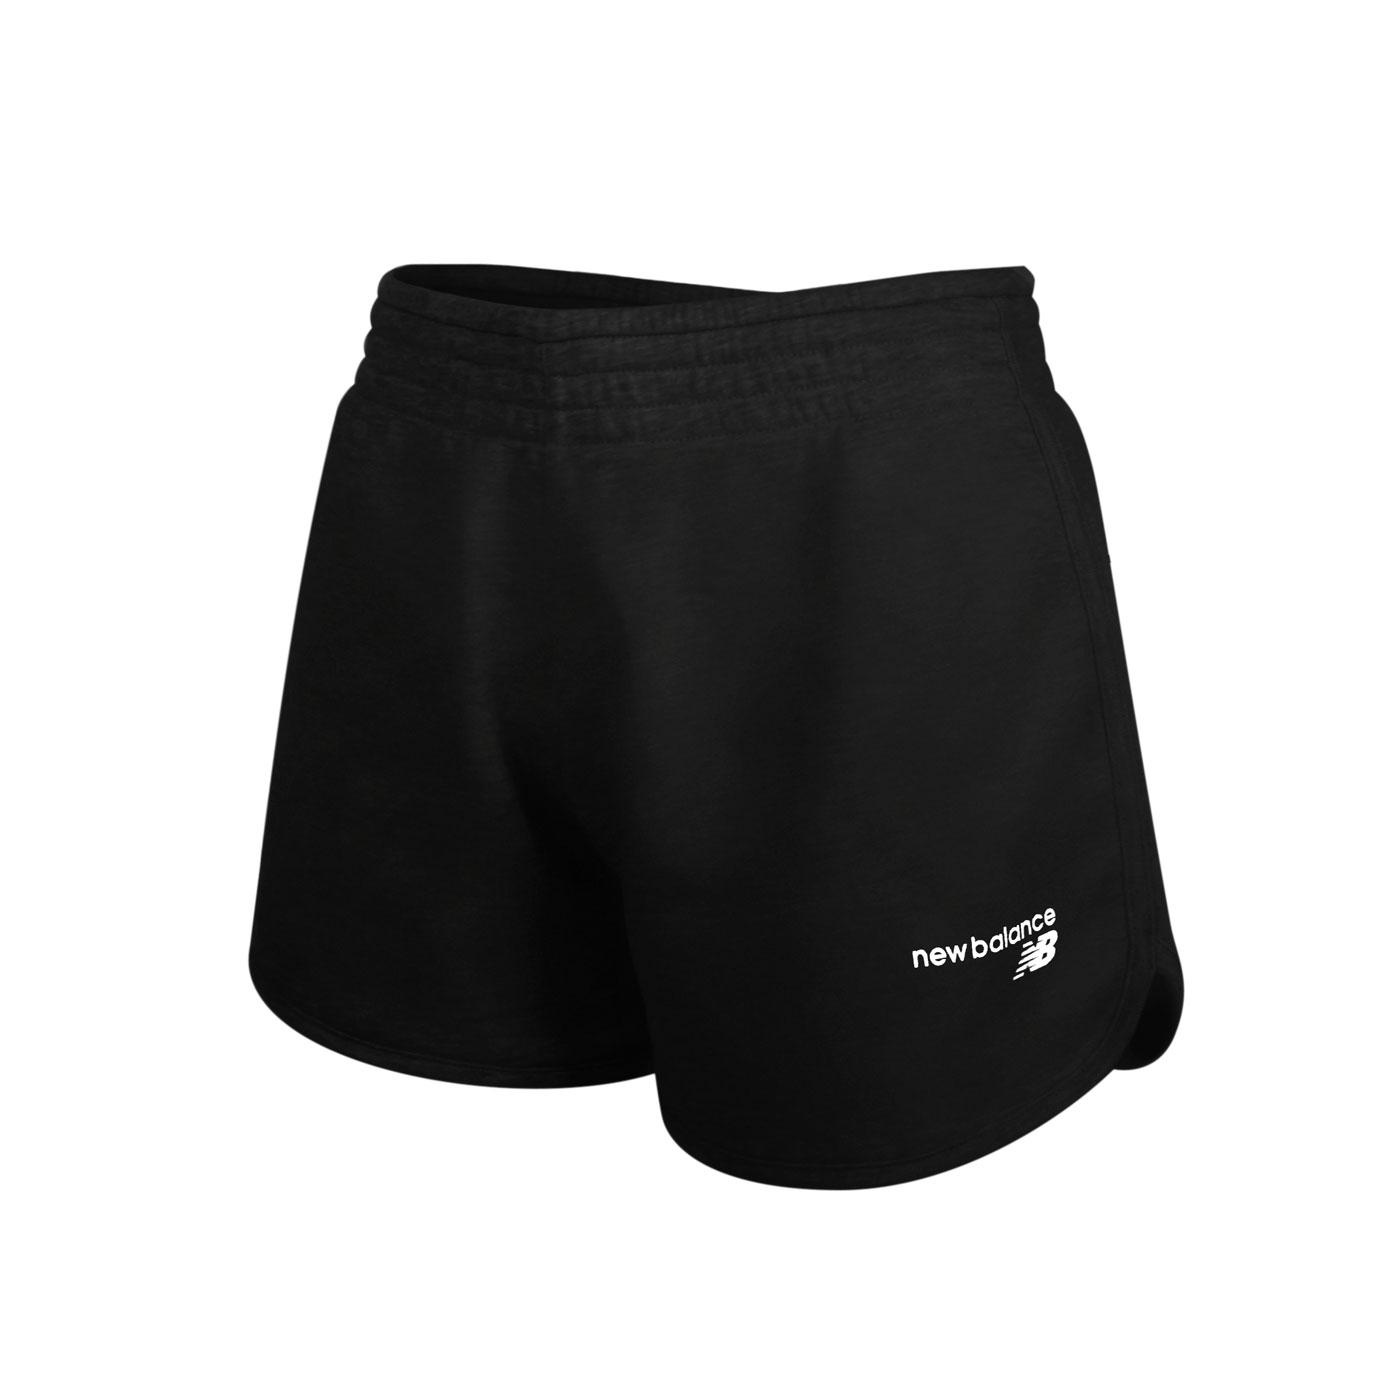 NEW BALANCE 女款運動短褲 WS03801AG - 黑白